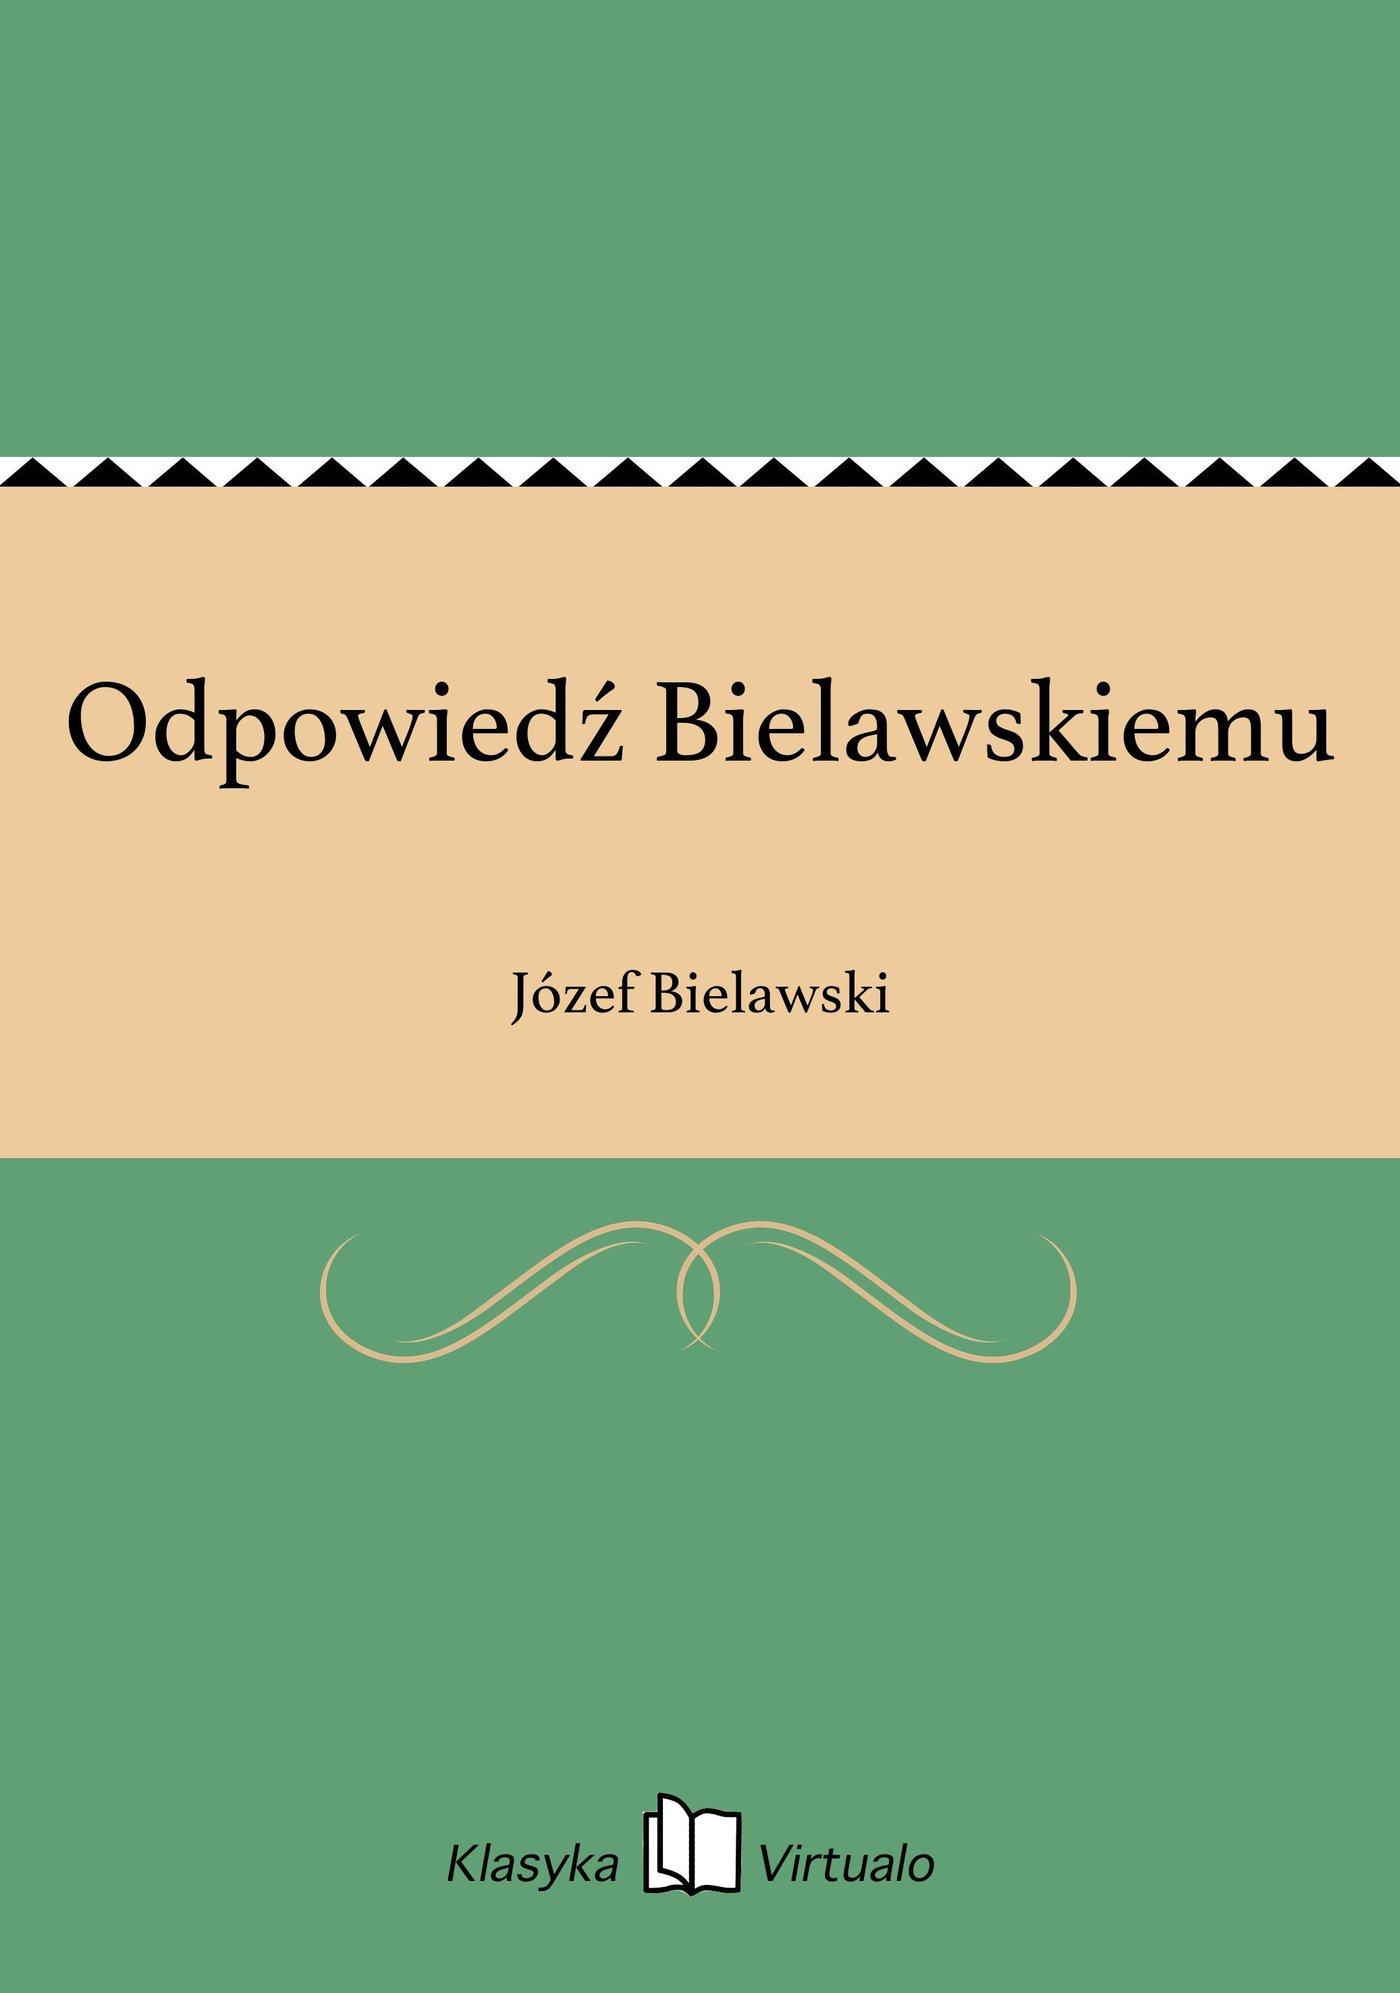 Odpowiedź Bielawskiemu - Ebook (Książka EPUB) do pobrania w formacie EPUB